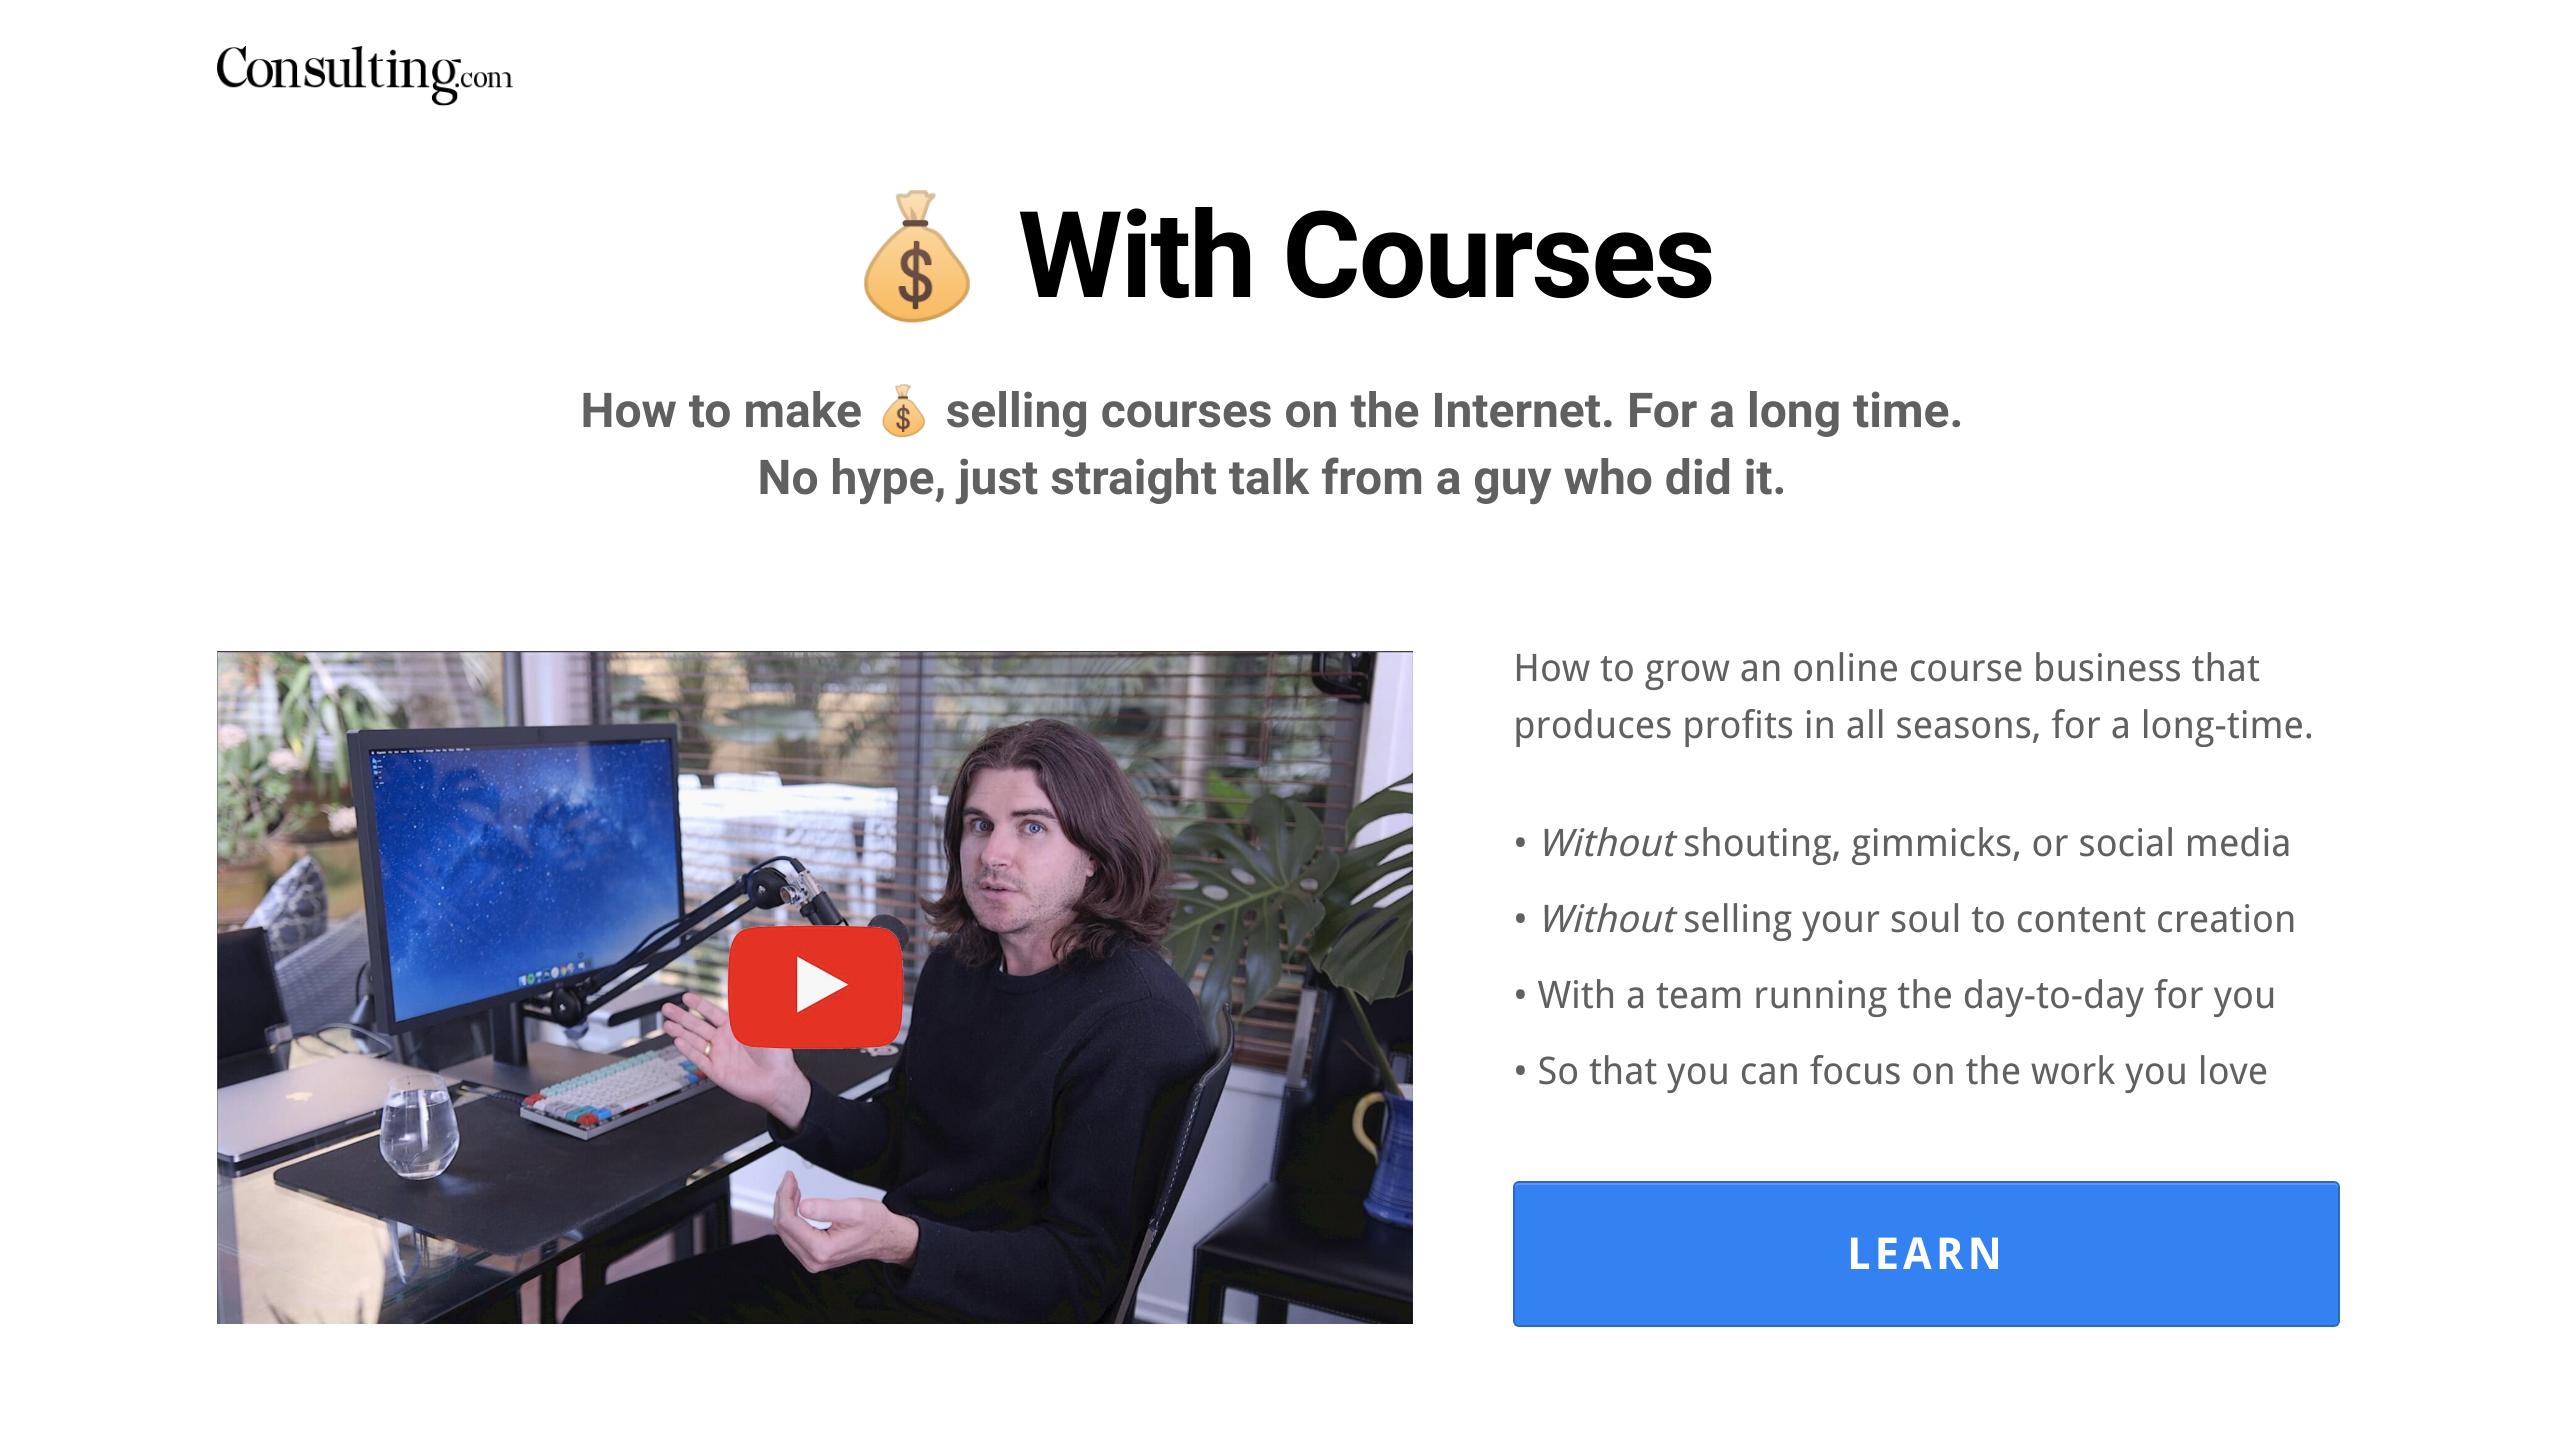 Sam Ovens - Consulting.com